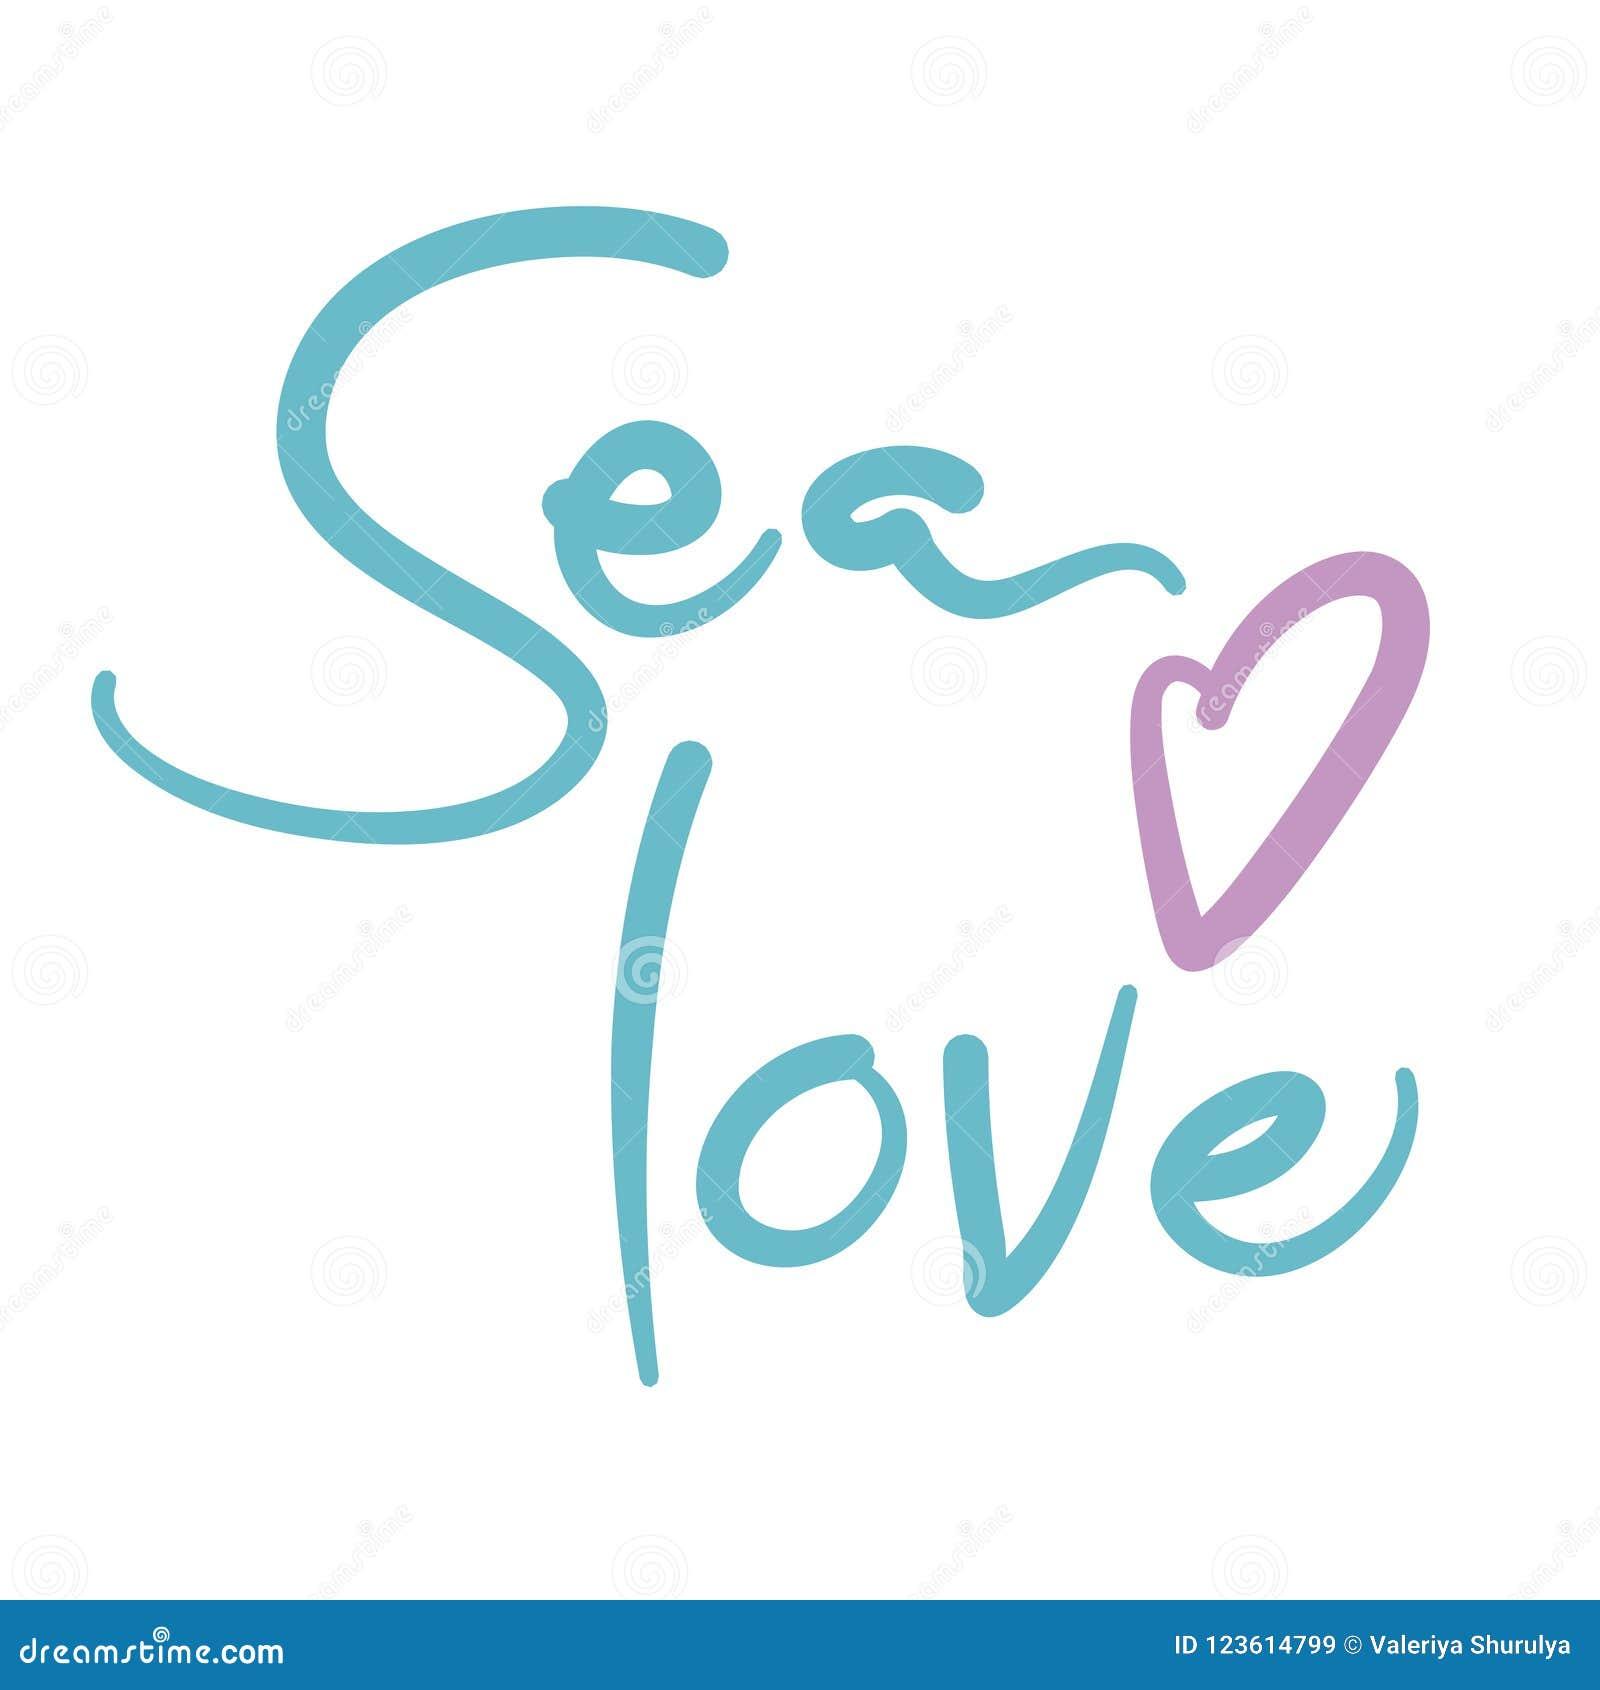 Frase Da Rotulação Do Amor Do Mar Ilustração Do Vetor Isolada No